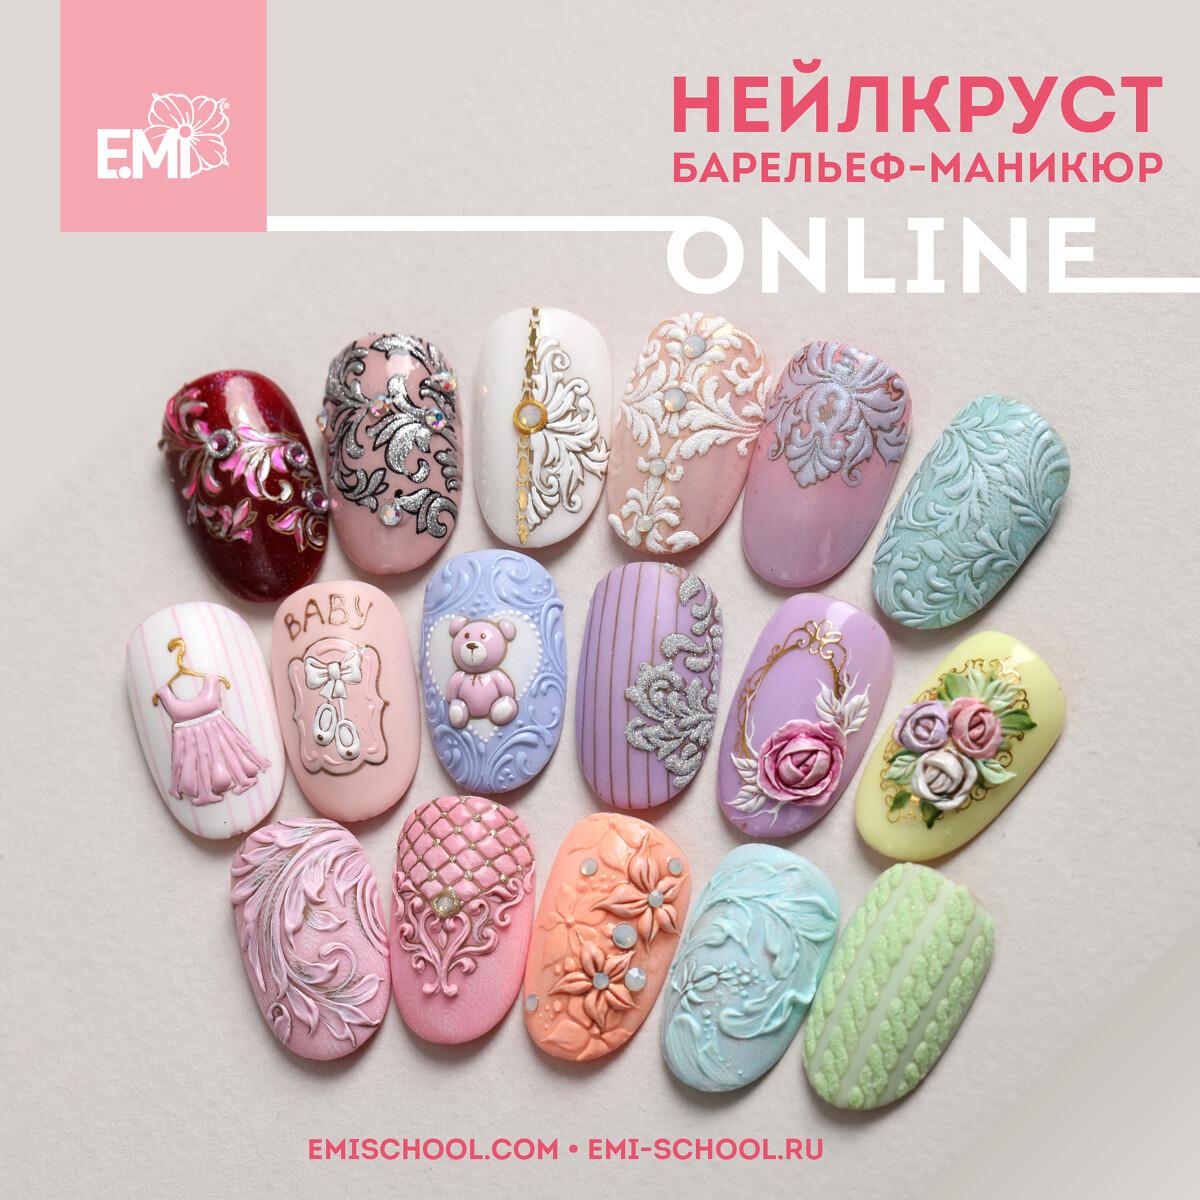 """ОНЛАЙН-КУРС """"NAILCRUST"""""""